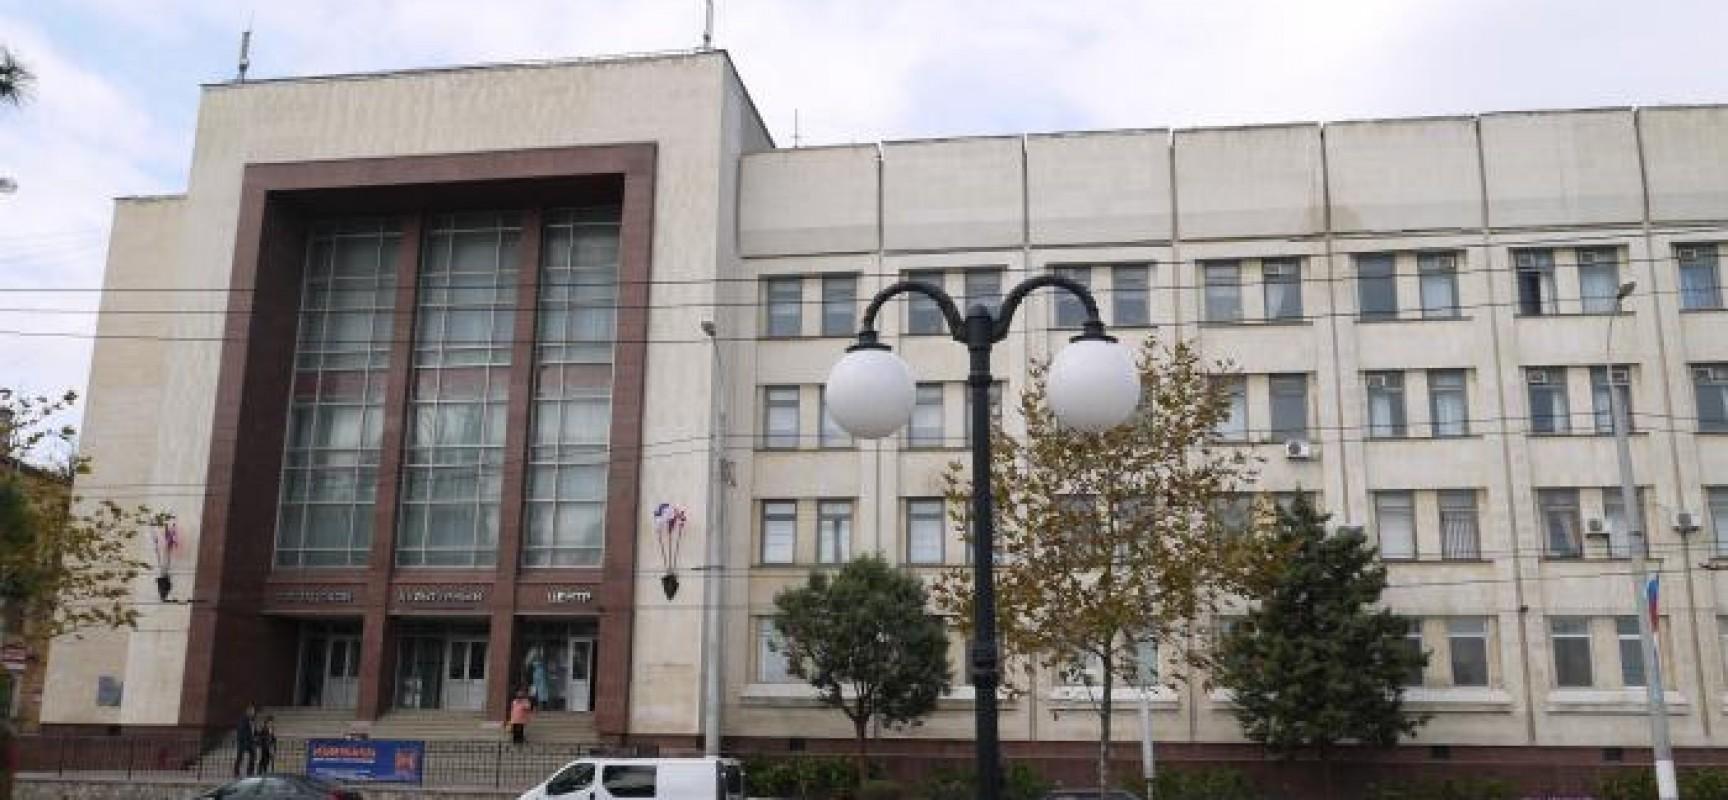 Керчане могут задать вопросы замдиректору «СГМ-Мост»